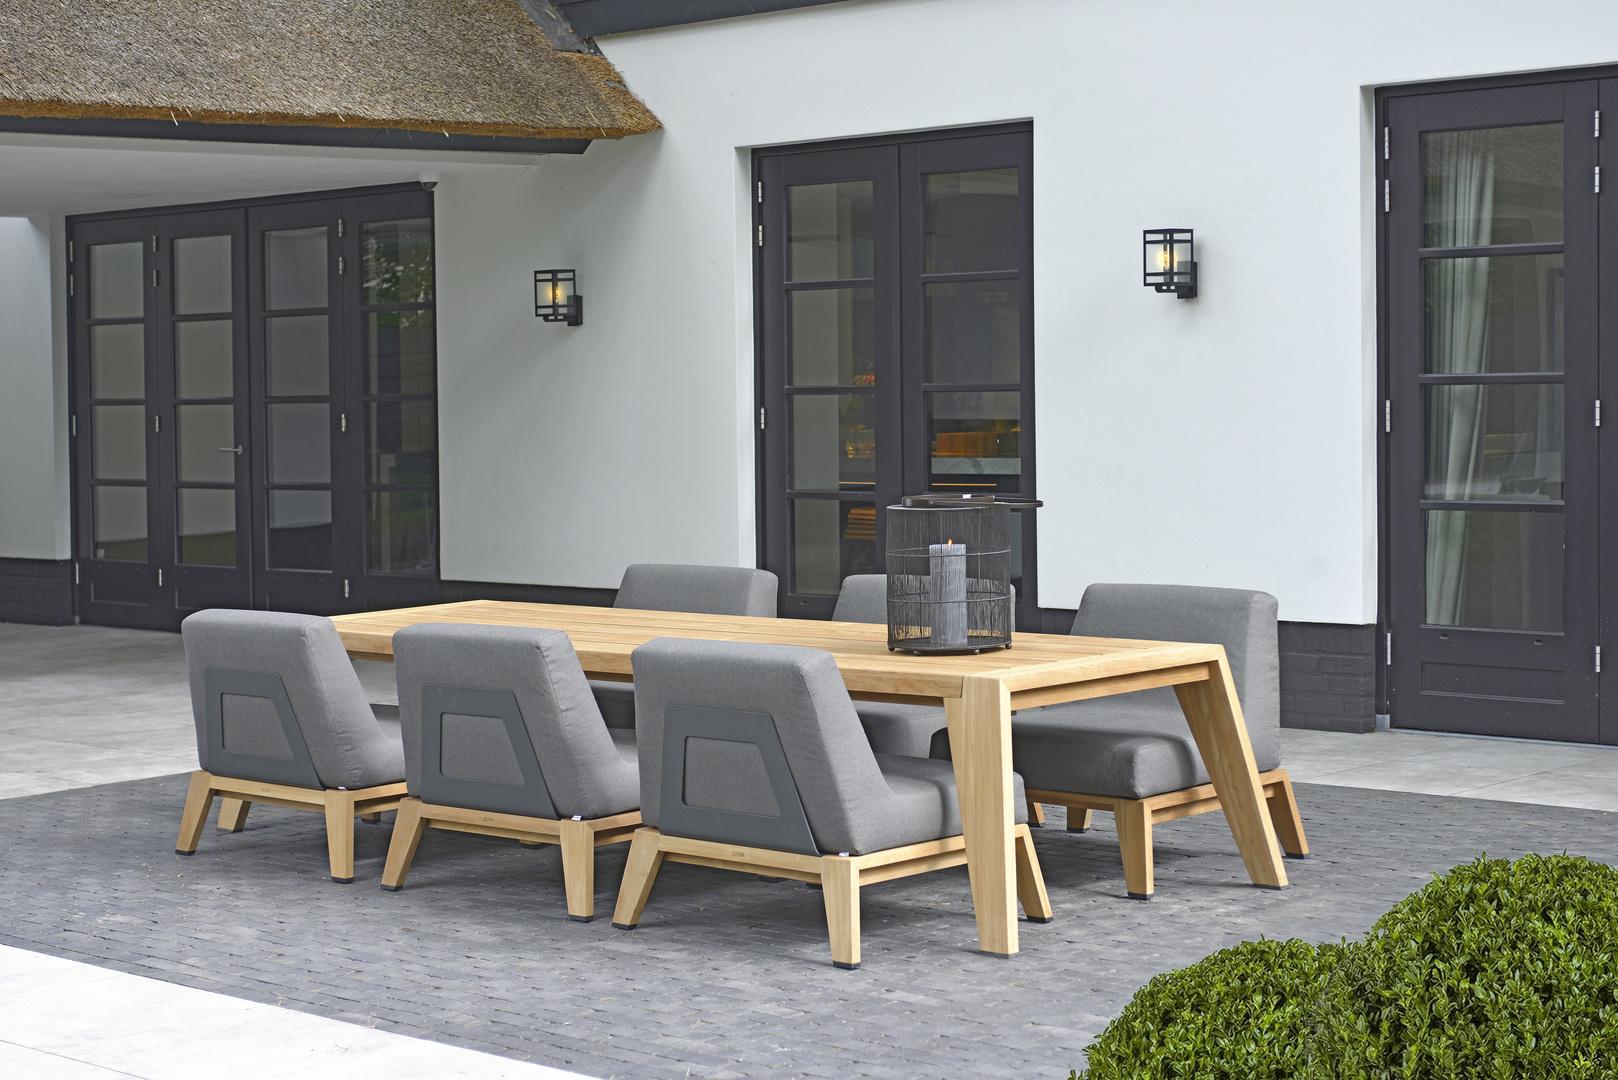 2020 Borek Teak Hybrid low dining chair anthracite & table Frans van Rens.jpg